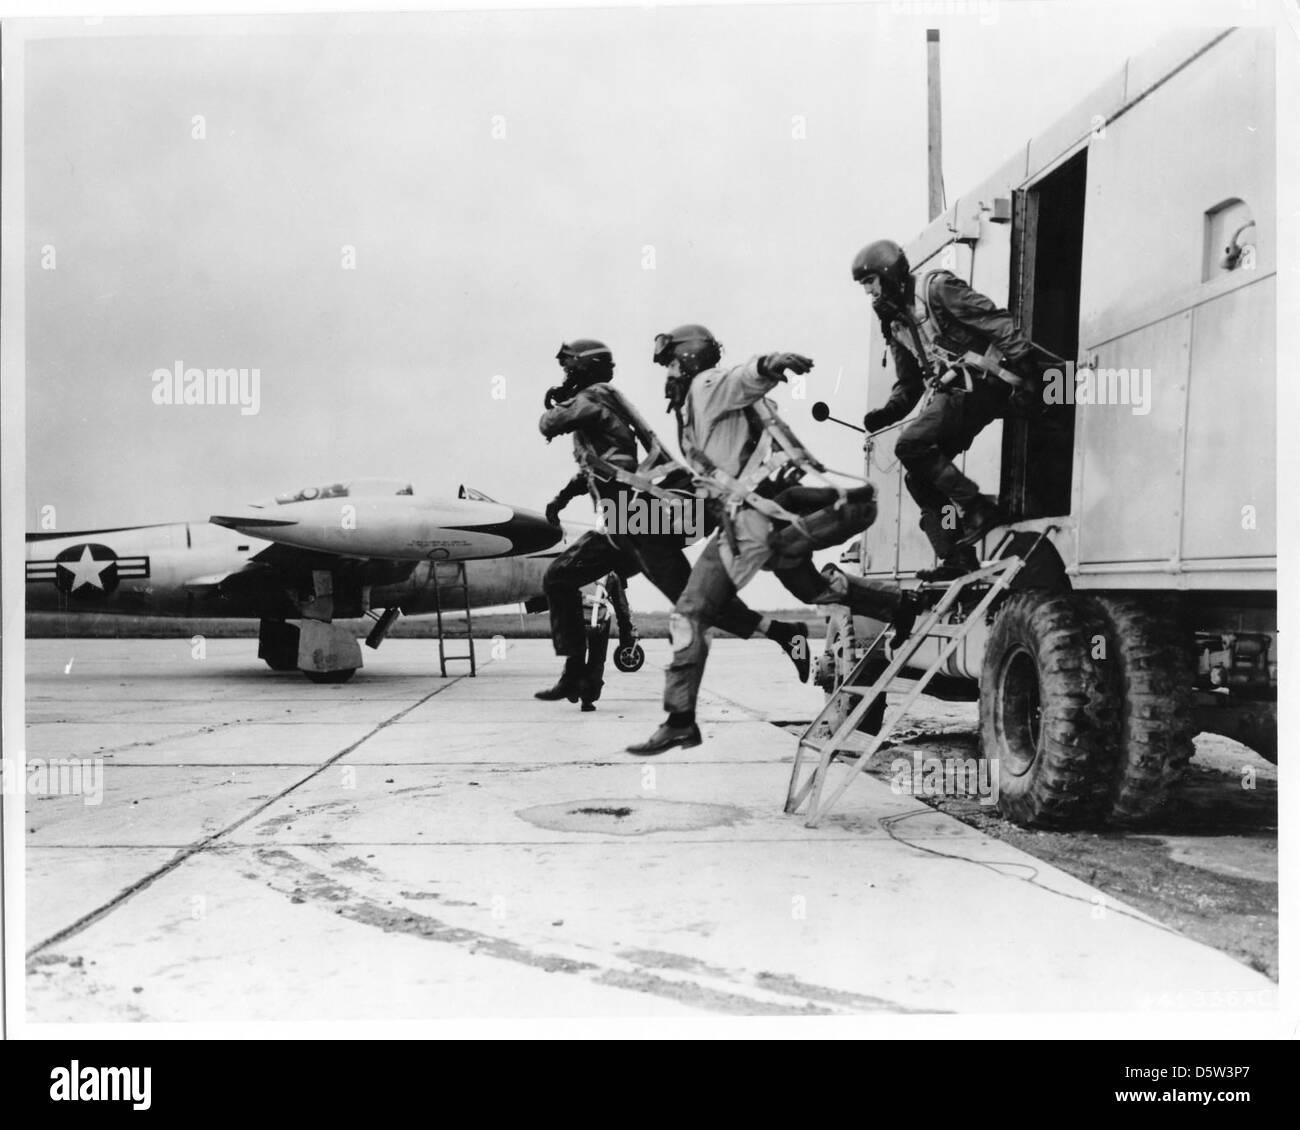 Republic F-84 scramble. - Stock Image